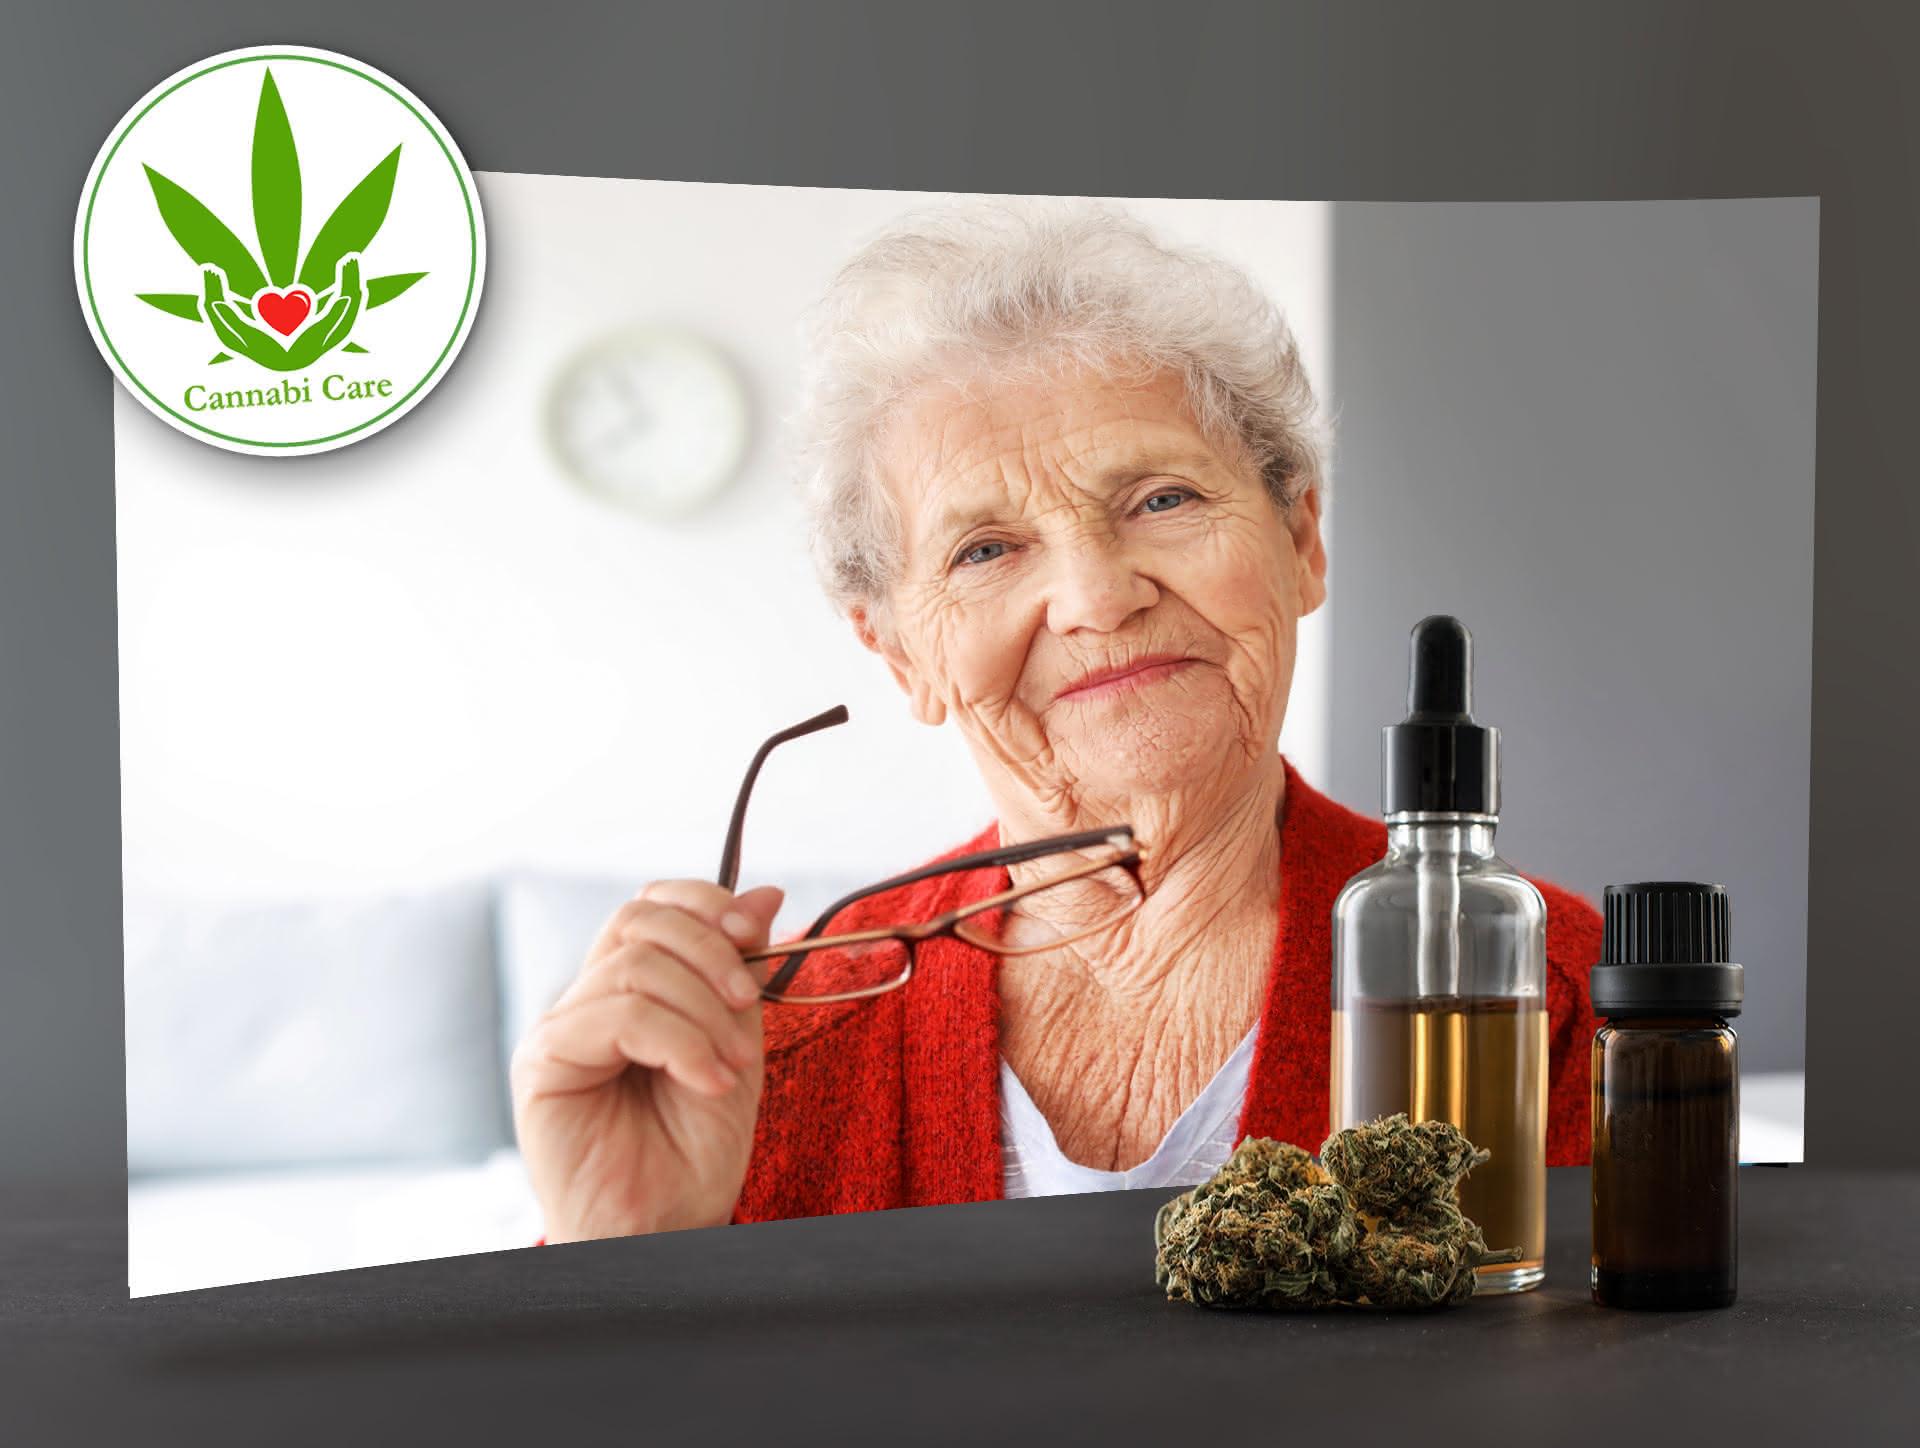 CBD - profilaktyka dla Seniorów, czyli zdrowie na emeryturze